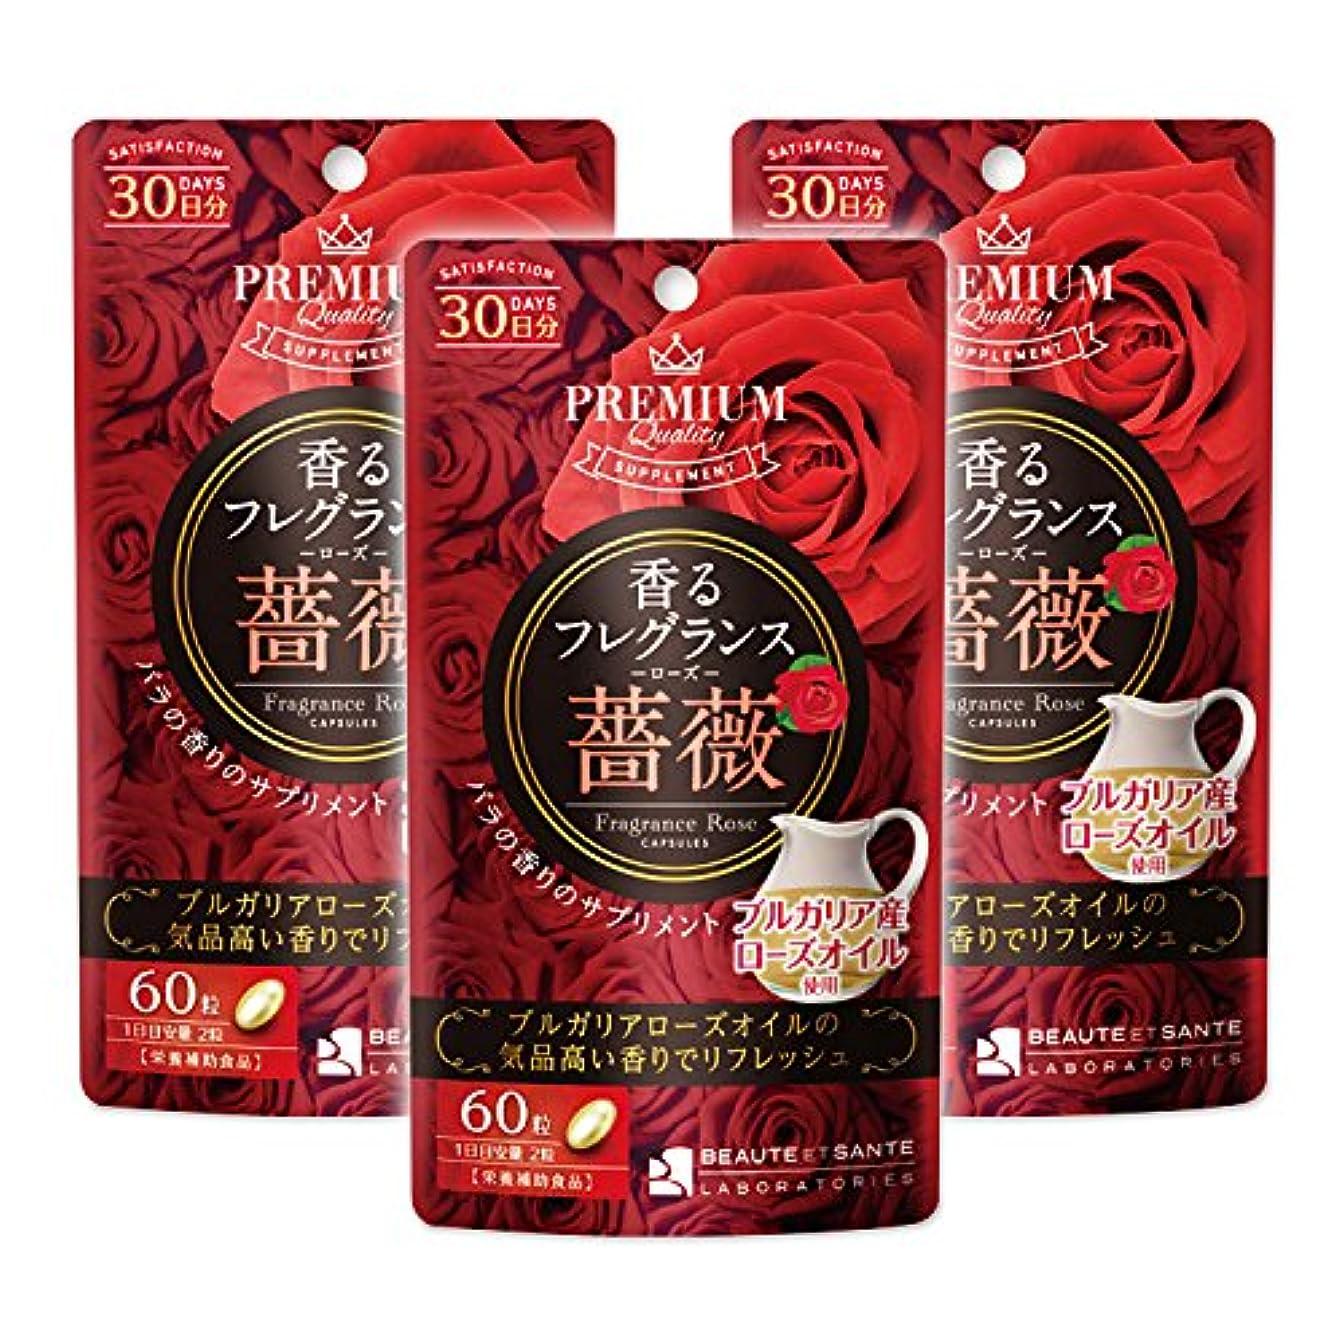 植生肝雪香るフレグランス 薔薇 ローズ [60粒]◆3袋セット◆